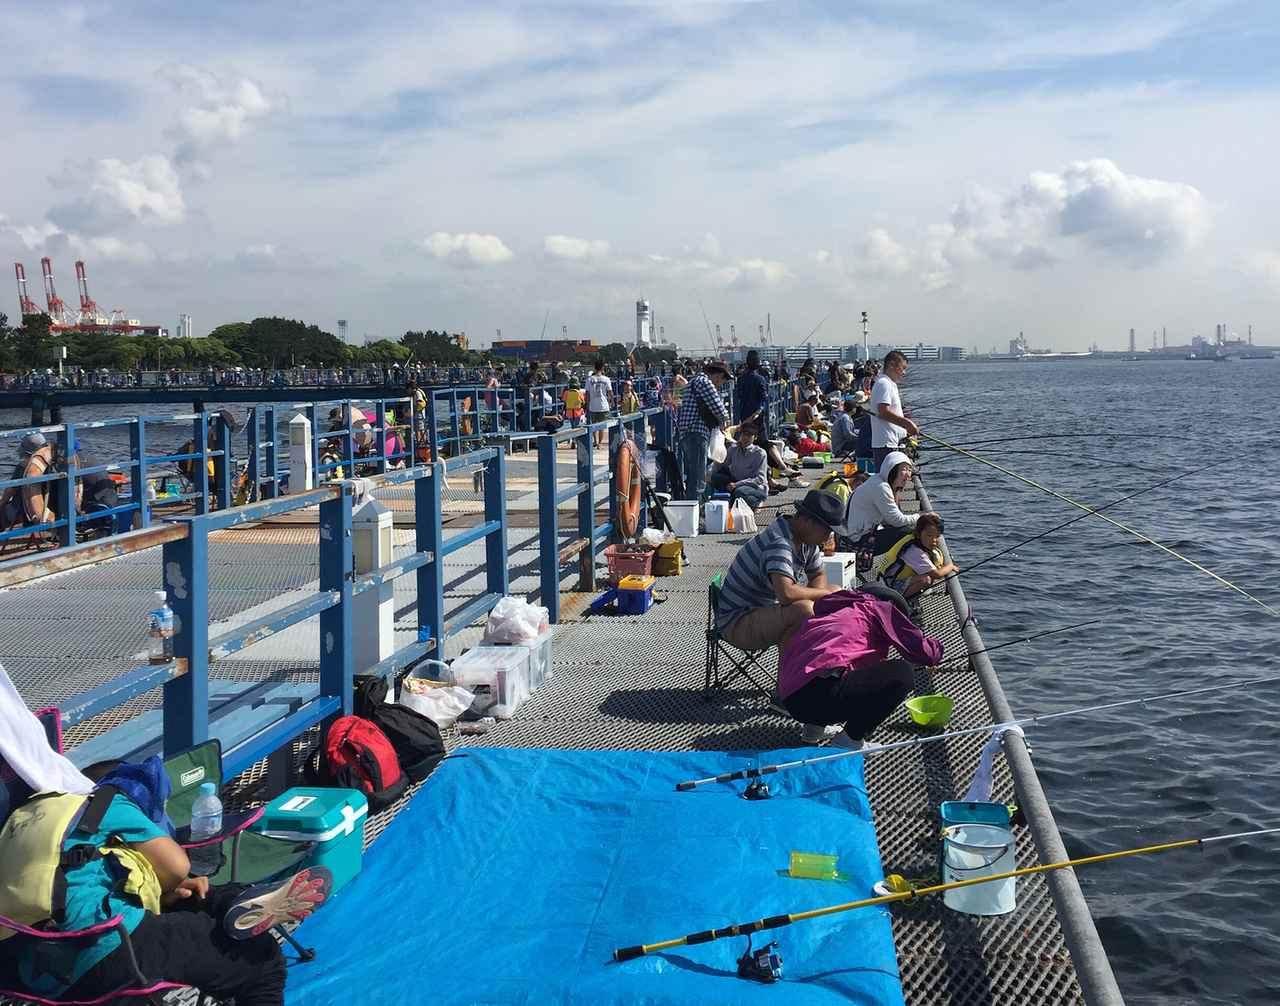 画像: 初心者向け海釣りのポイントを紹介! 場所は海釣り公園がおすすめ 初心者用の道具・仕掛けを選ぼう